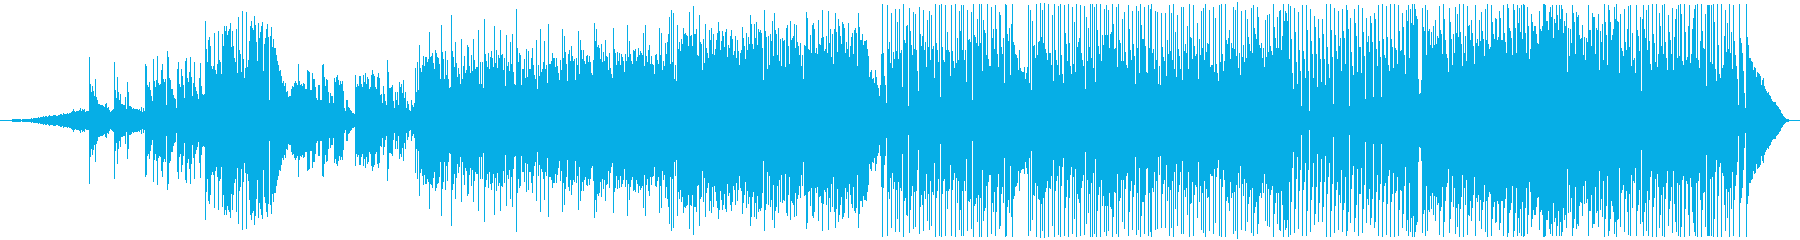 夜明けイメージ、スローでソフトなポップスの再生済みの波形